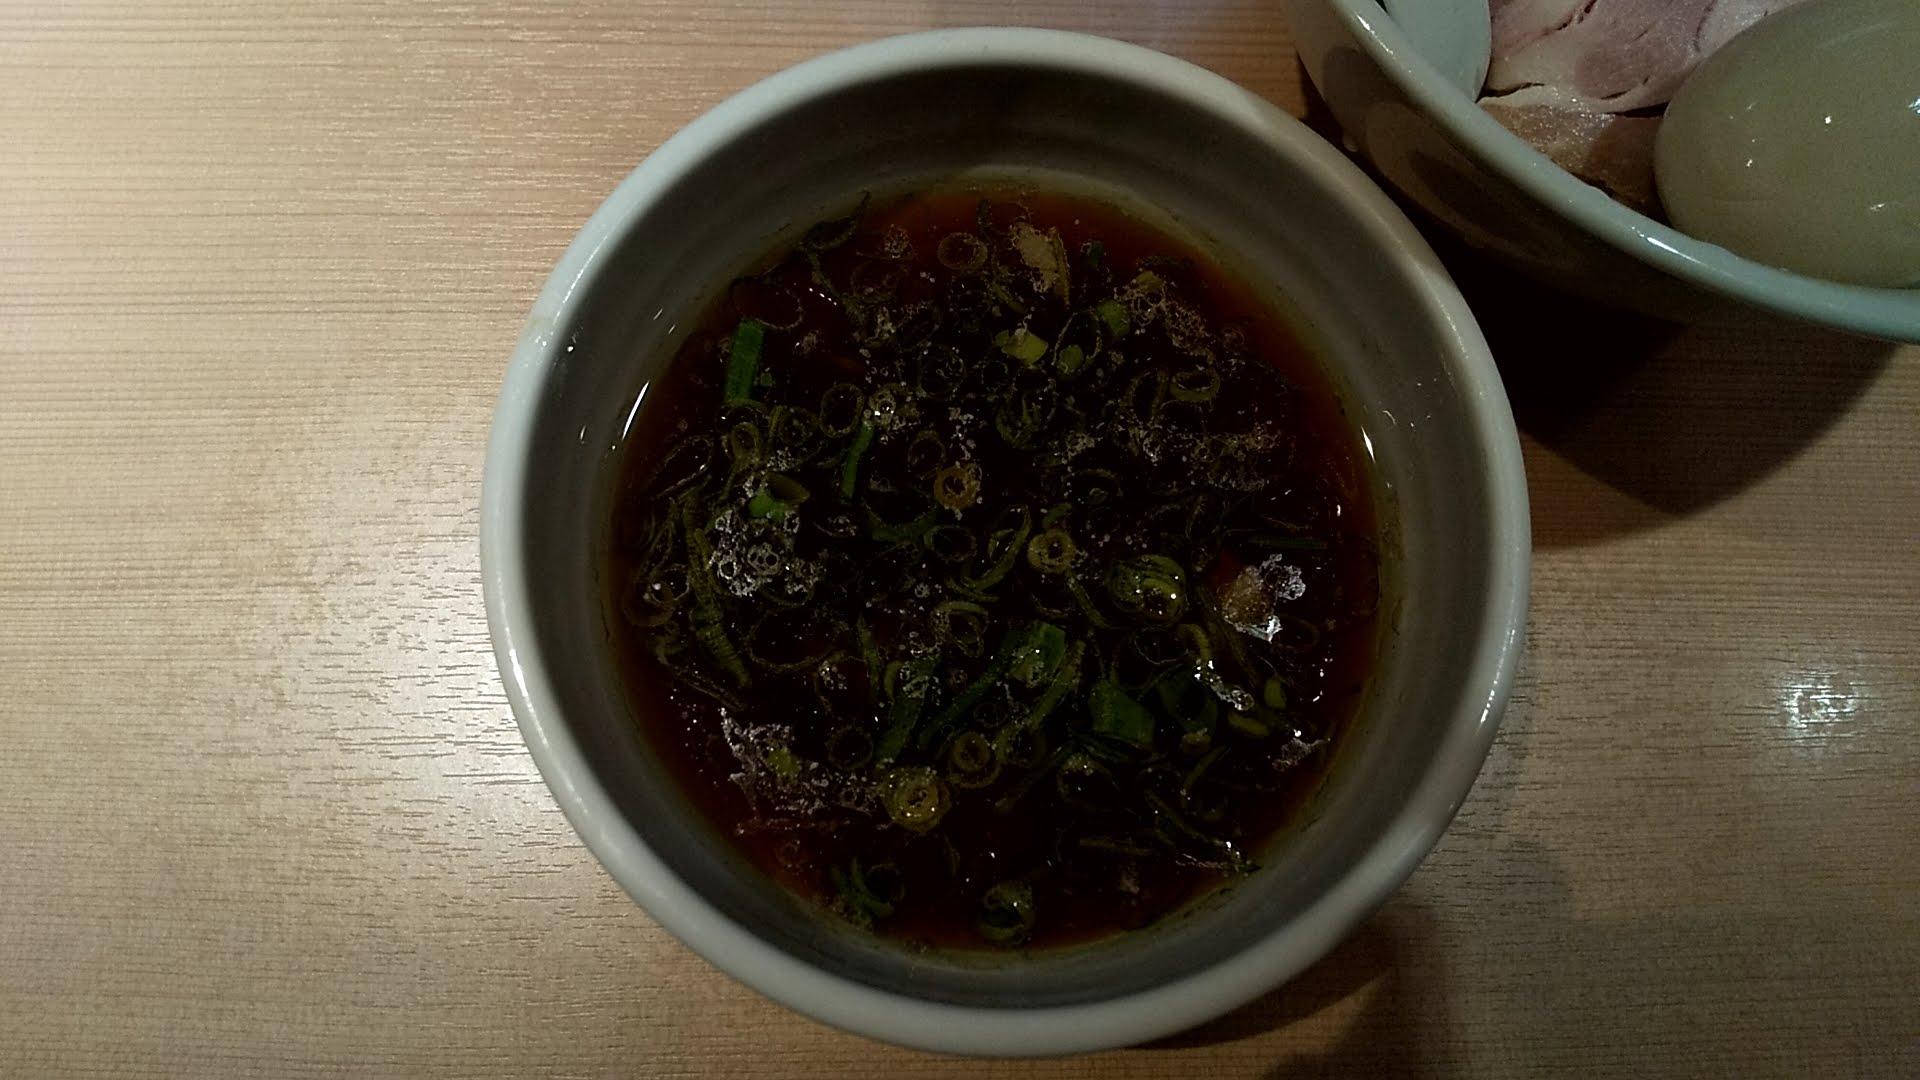 はやし田新宿店の特製つけ麺のつけ汁